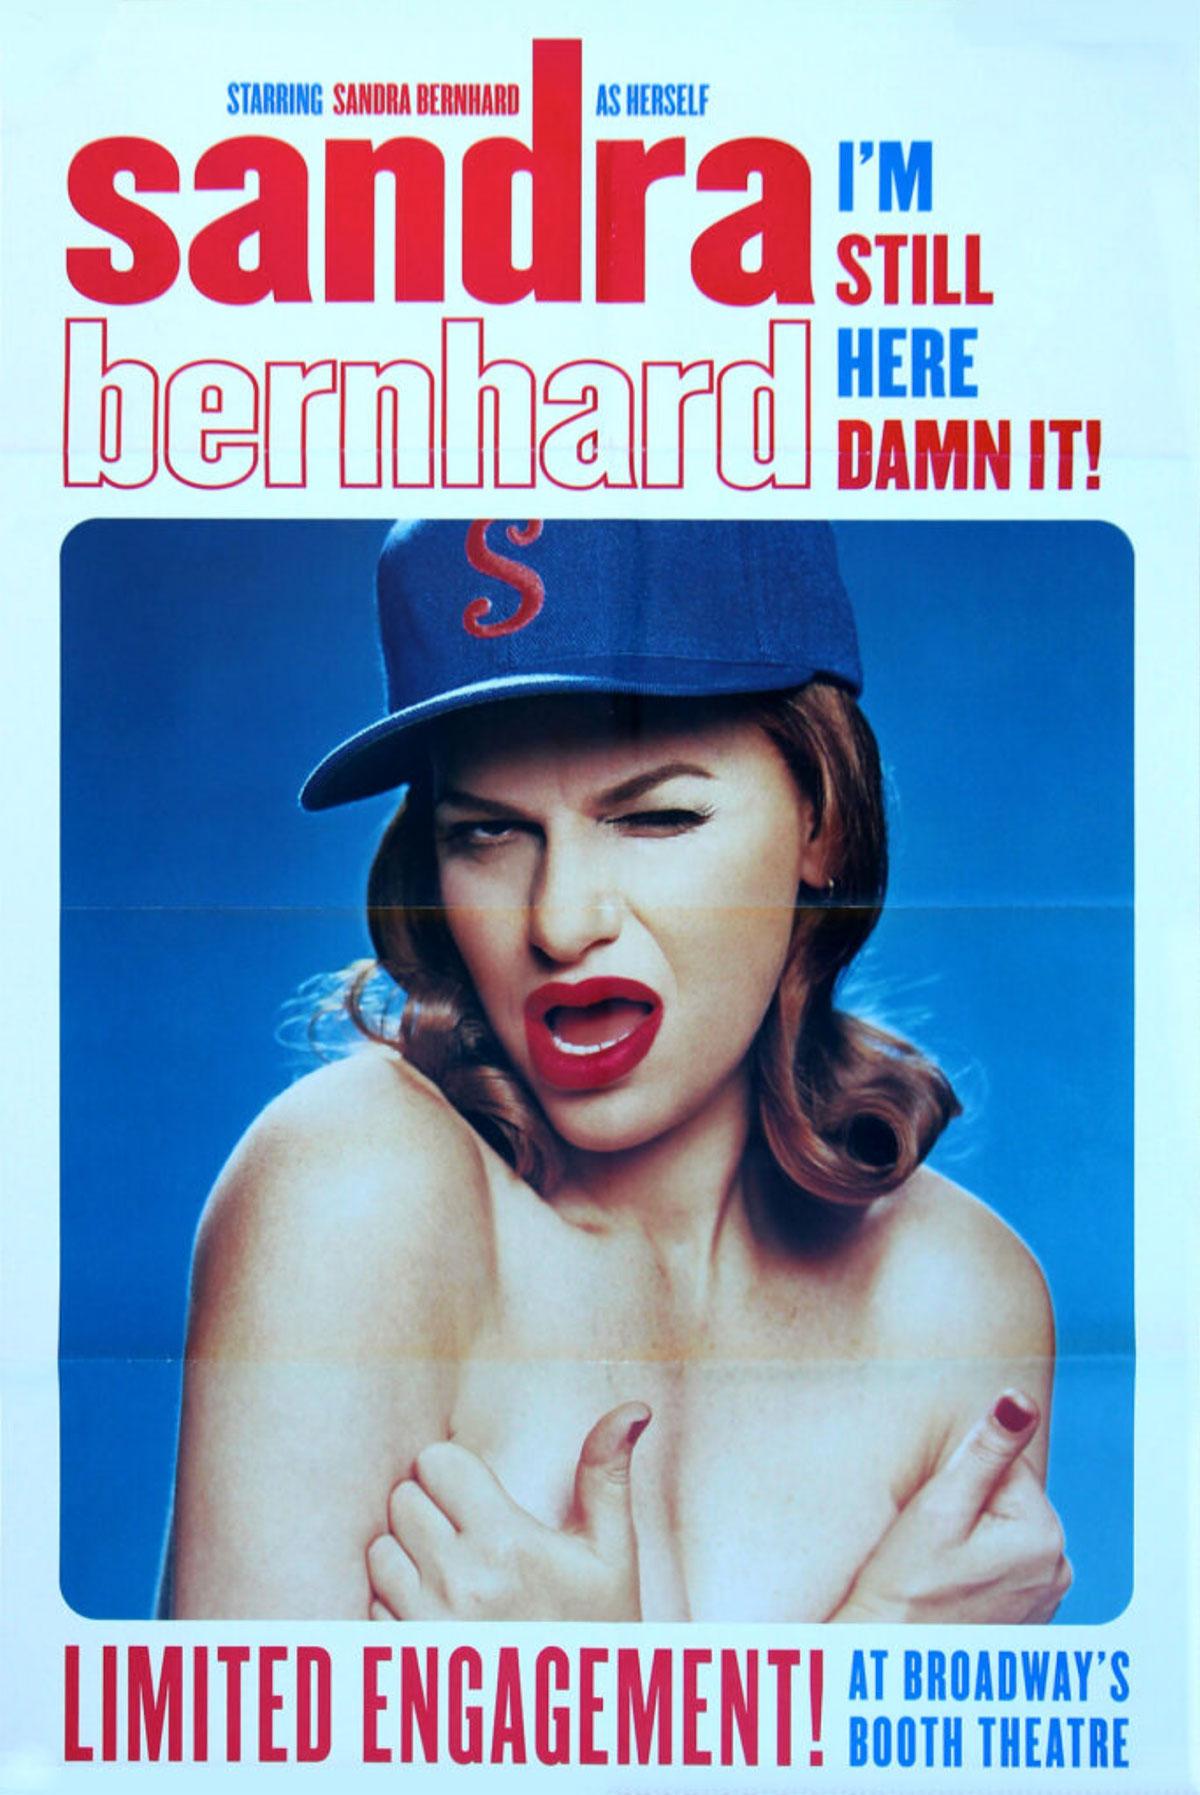 """Sandra Bernhard Poster for """"I'm Still Here Damn It!"""